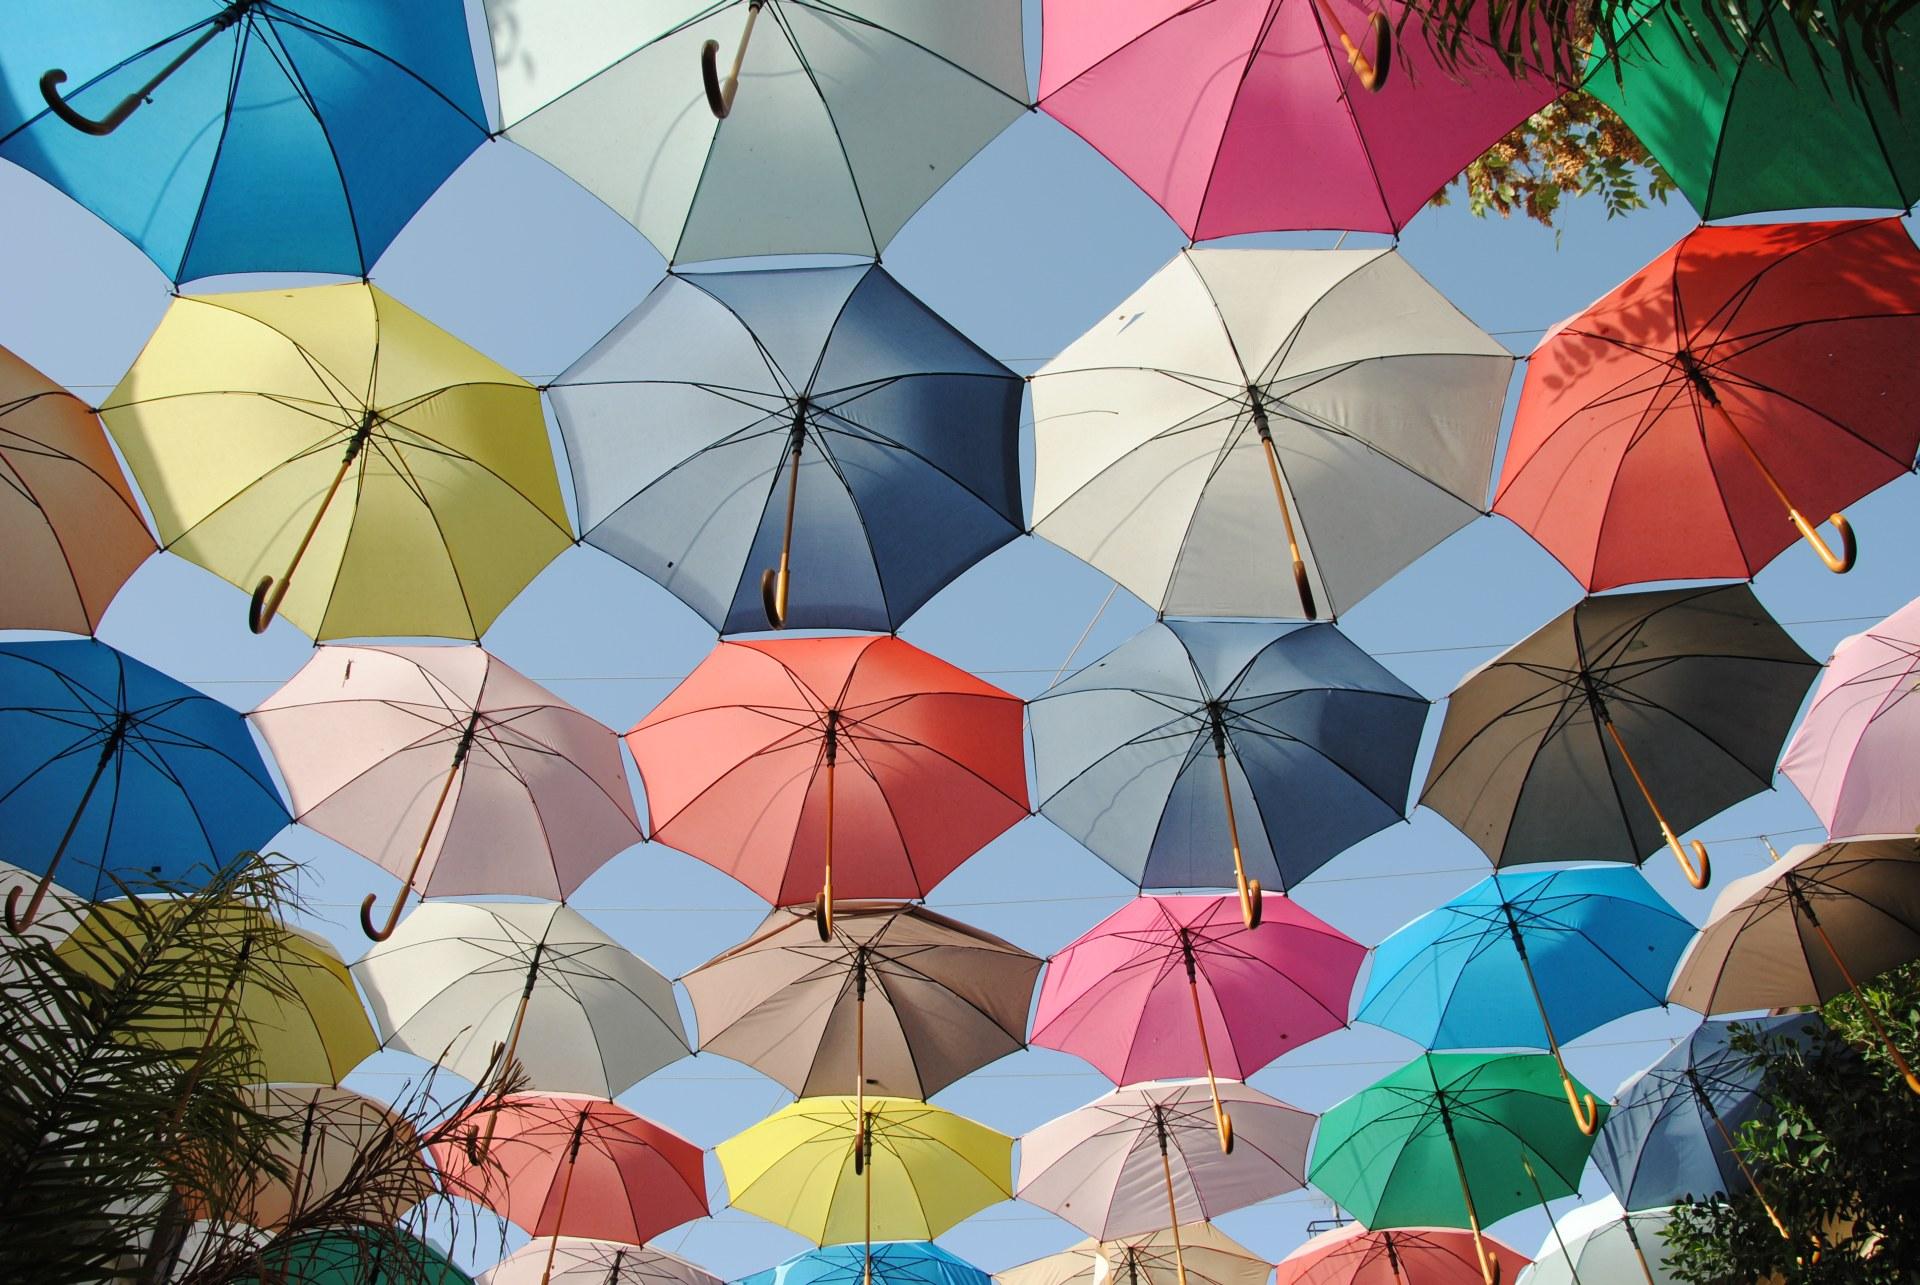 Viele Regenschirm, die in der Luft hängen